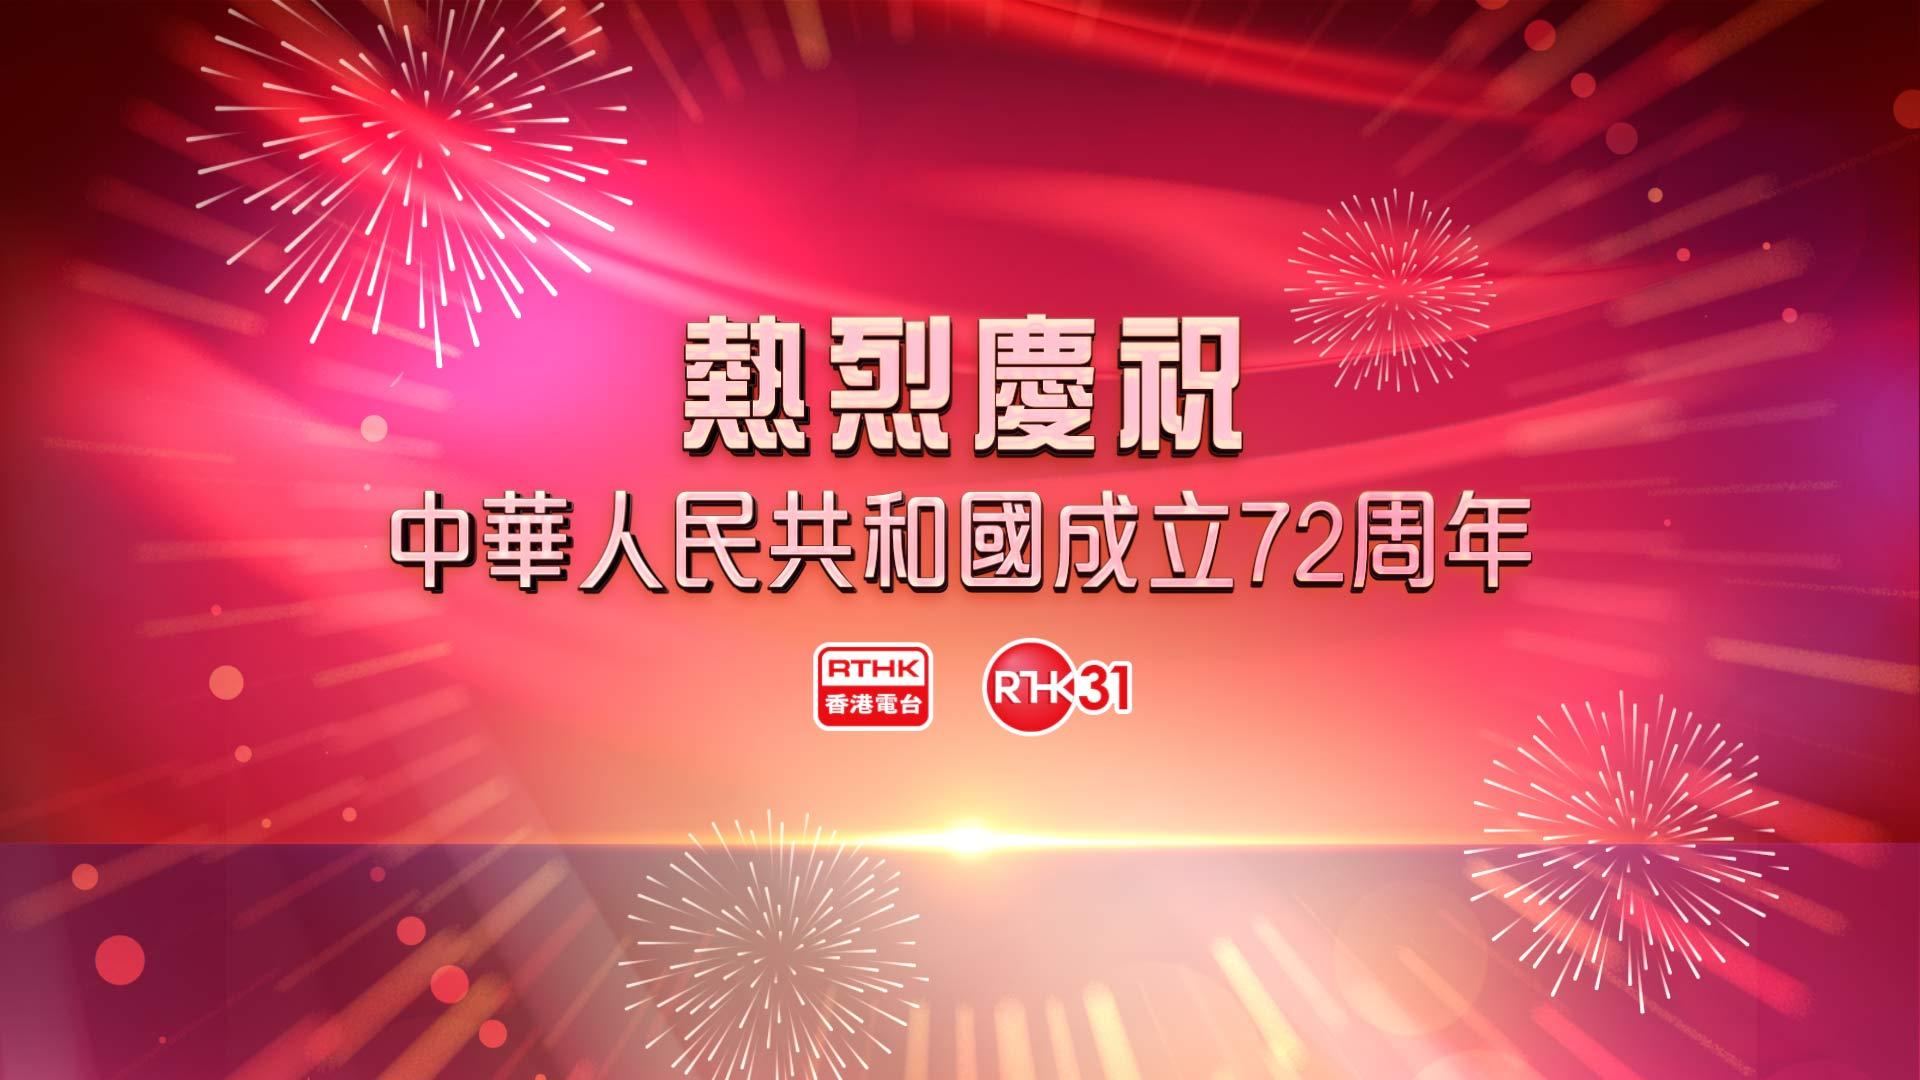 庆祝中华人民共和国成立七十二周年升旗仪式暨庆祝酒会